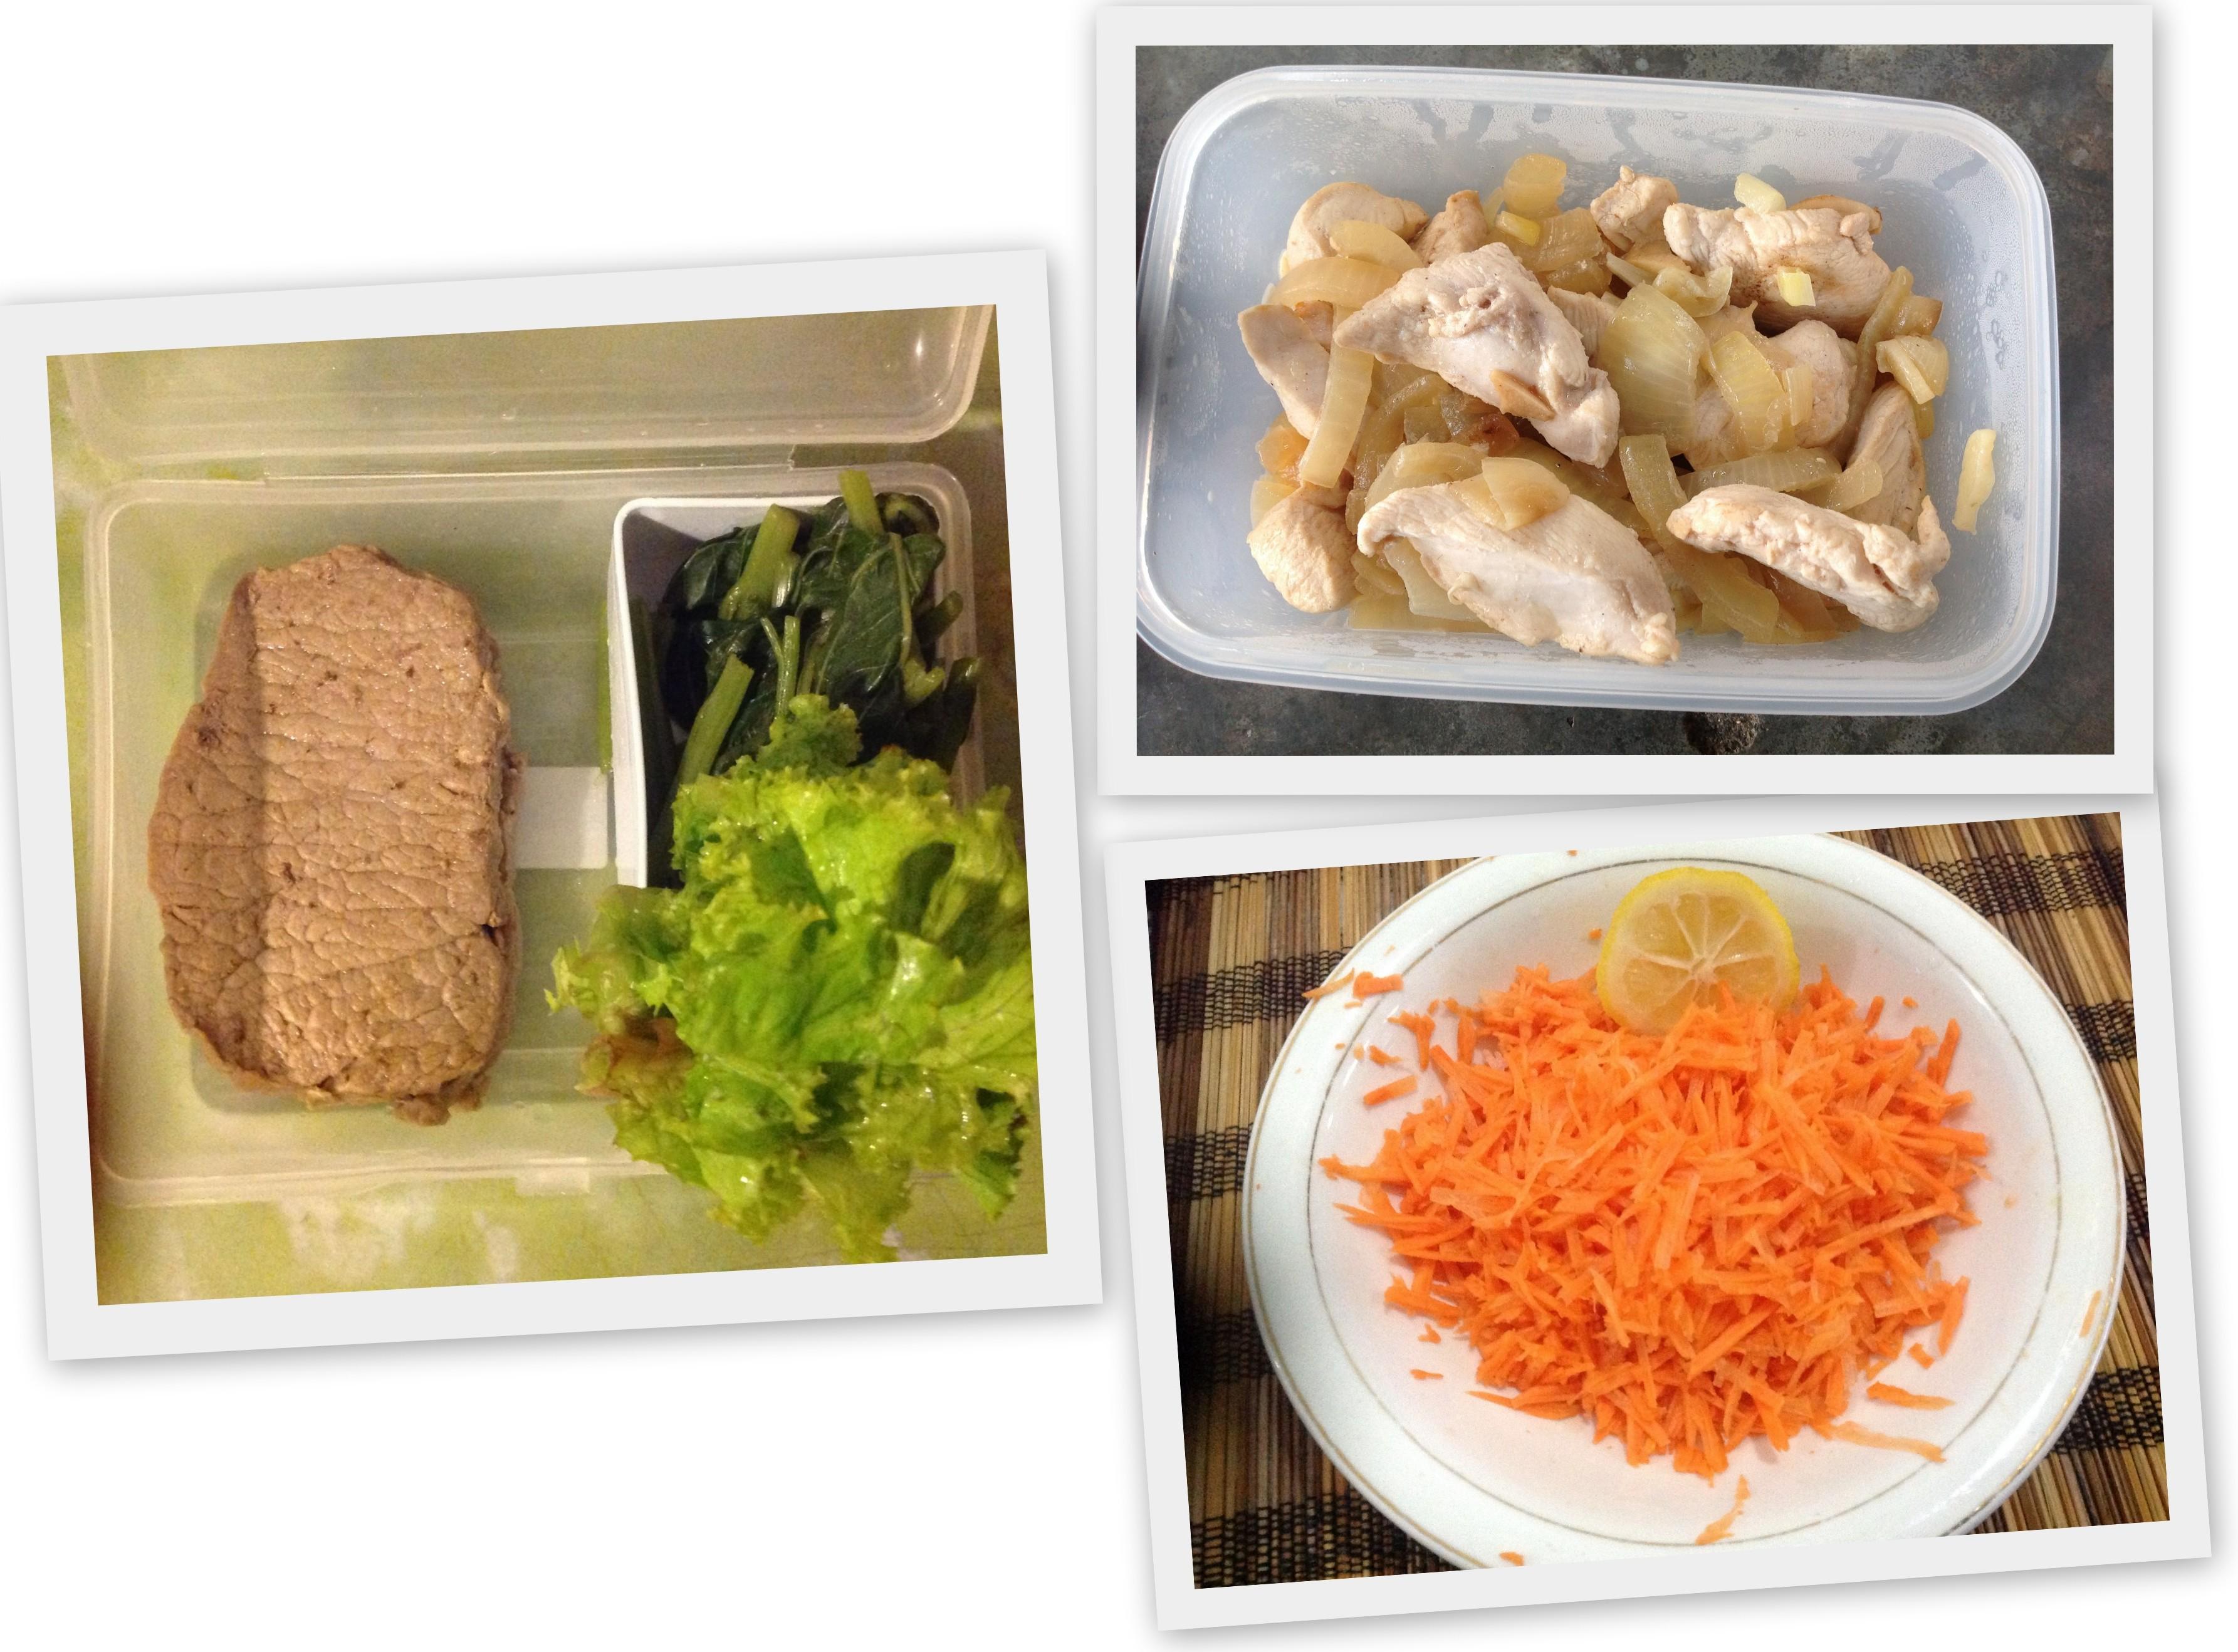 Inilah-Menu-Diet-Mayo-Yang-Benar-dan-Cepat